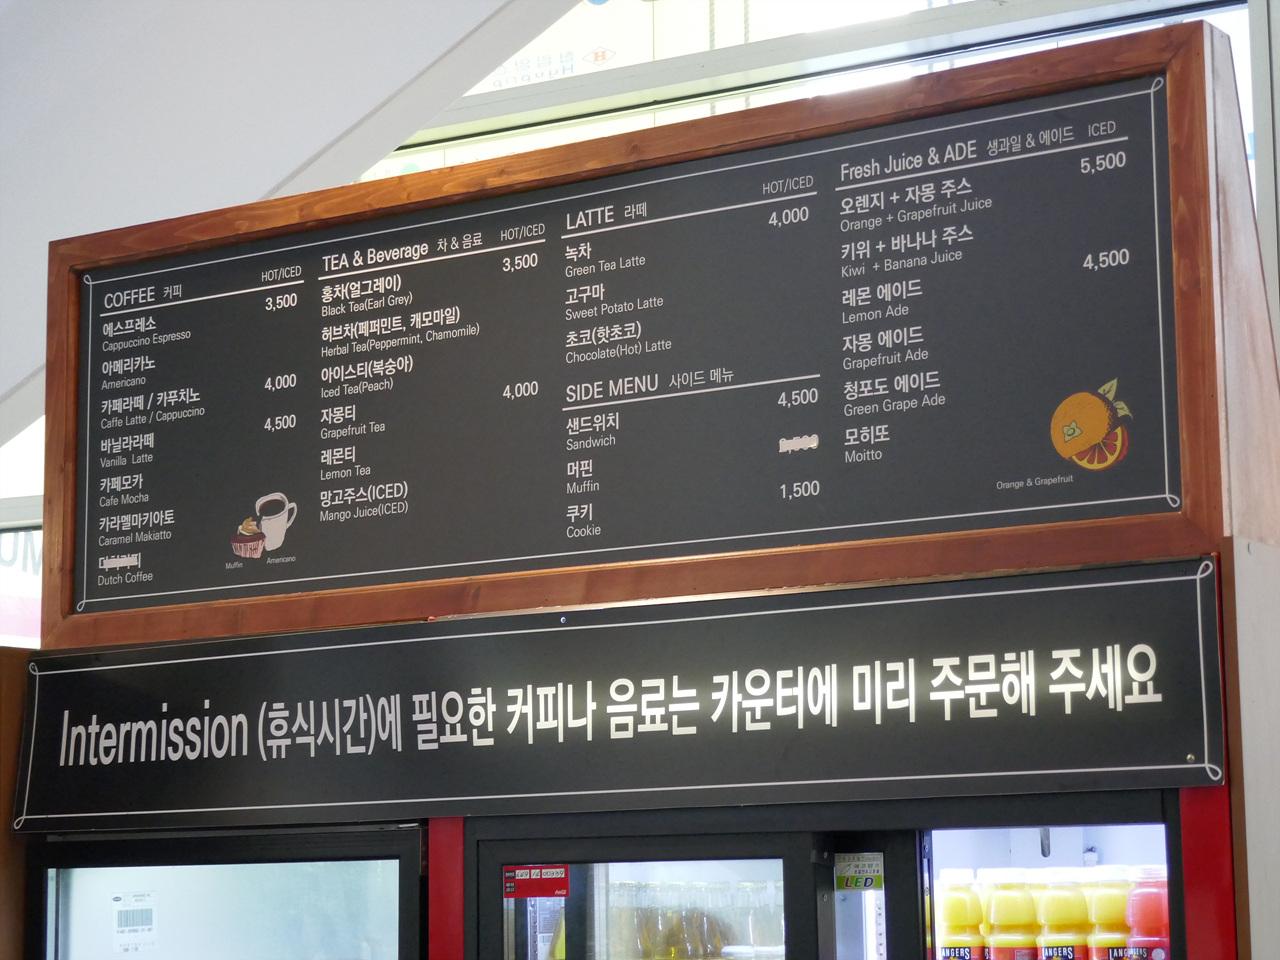 '대구오페라하우스' 내부 카페 메뉴판.